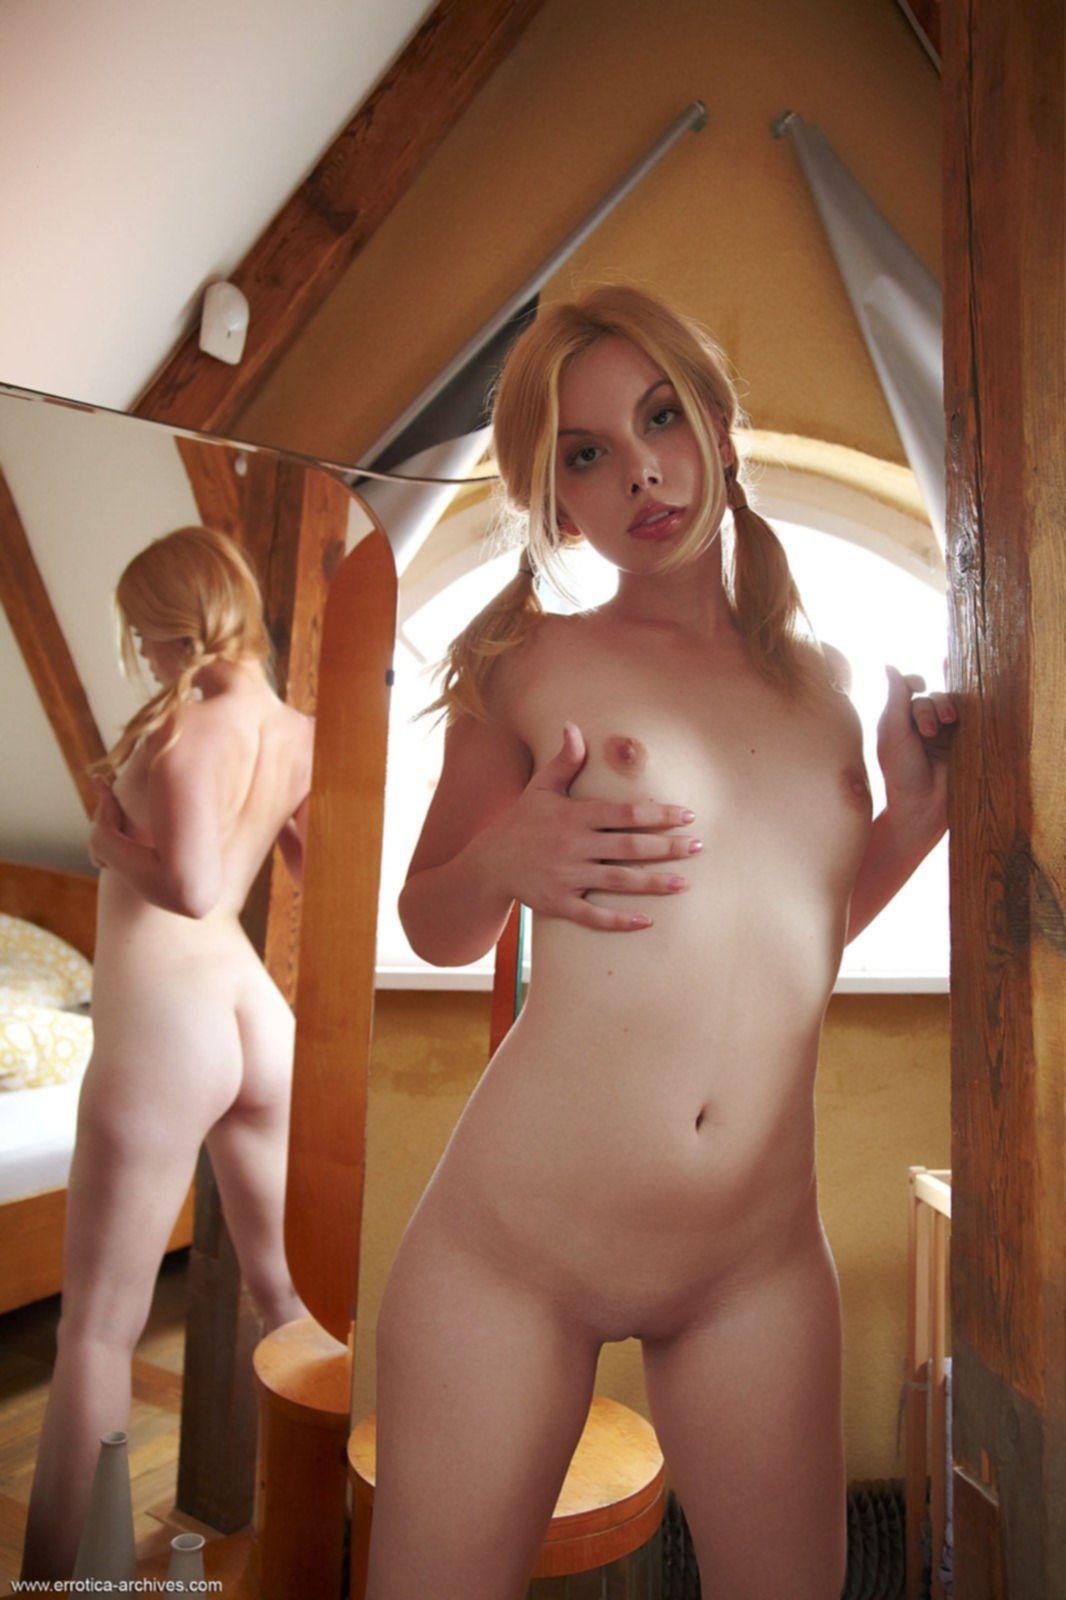 Блондинка с голыми сиськами и попкой перед зеркалом - фото